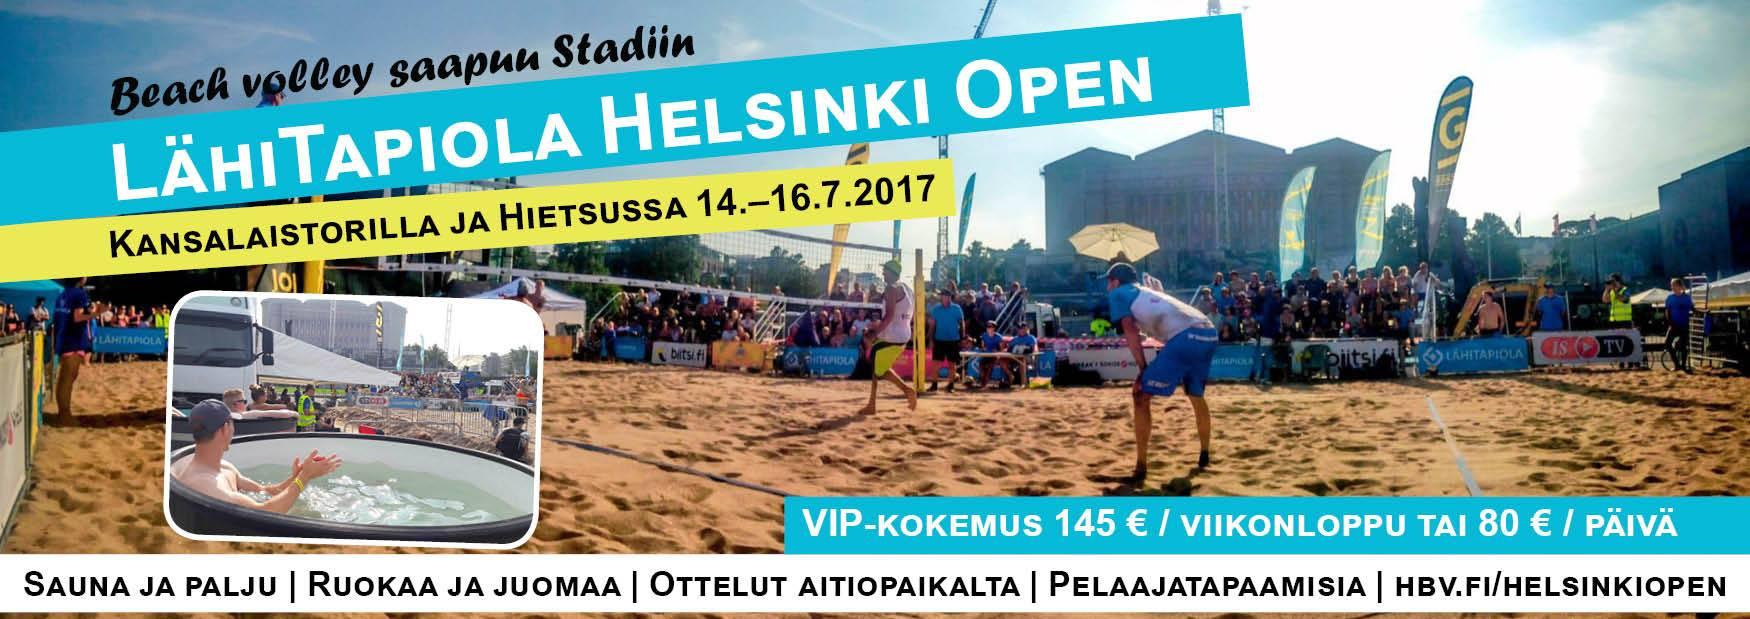 Helsinki Open VIP V2